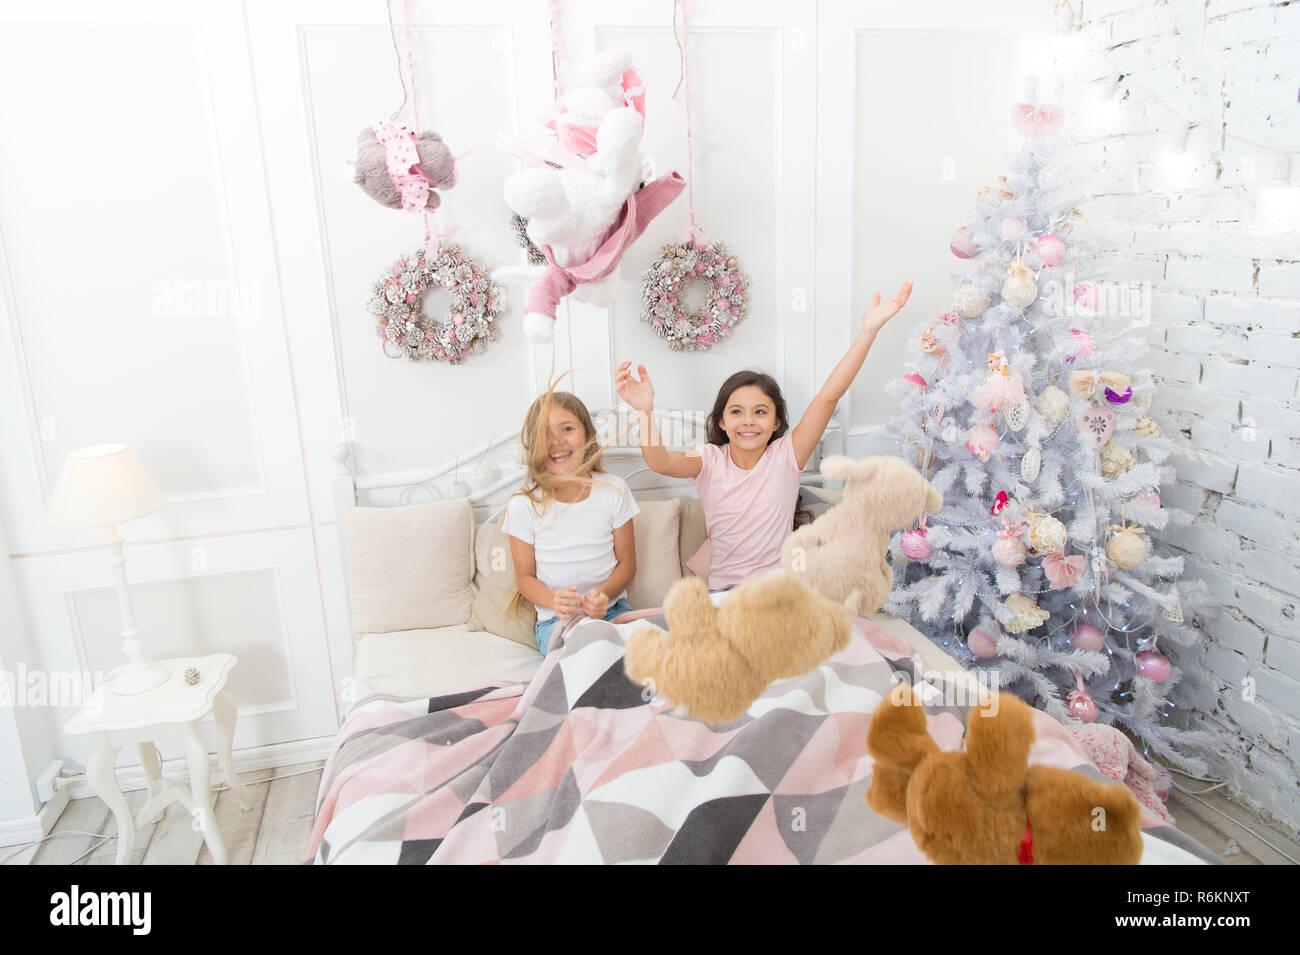 Weihnachtsbaum Spiele.Weihnachtliche Stimmung Happy Kids Im Bett Am Weihnachtsbaum